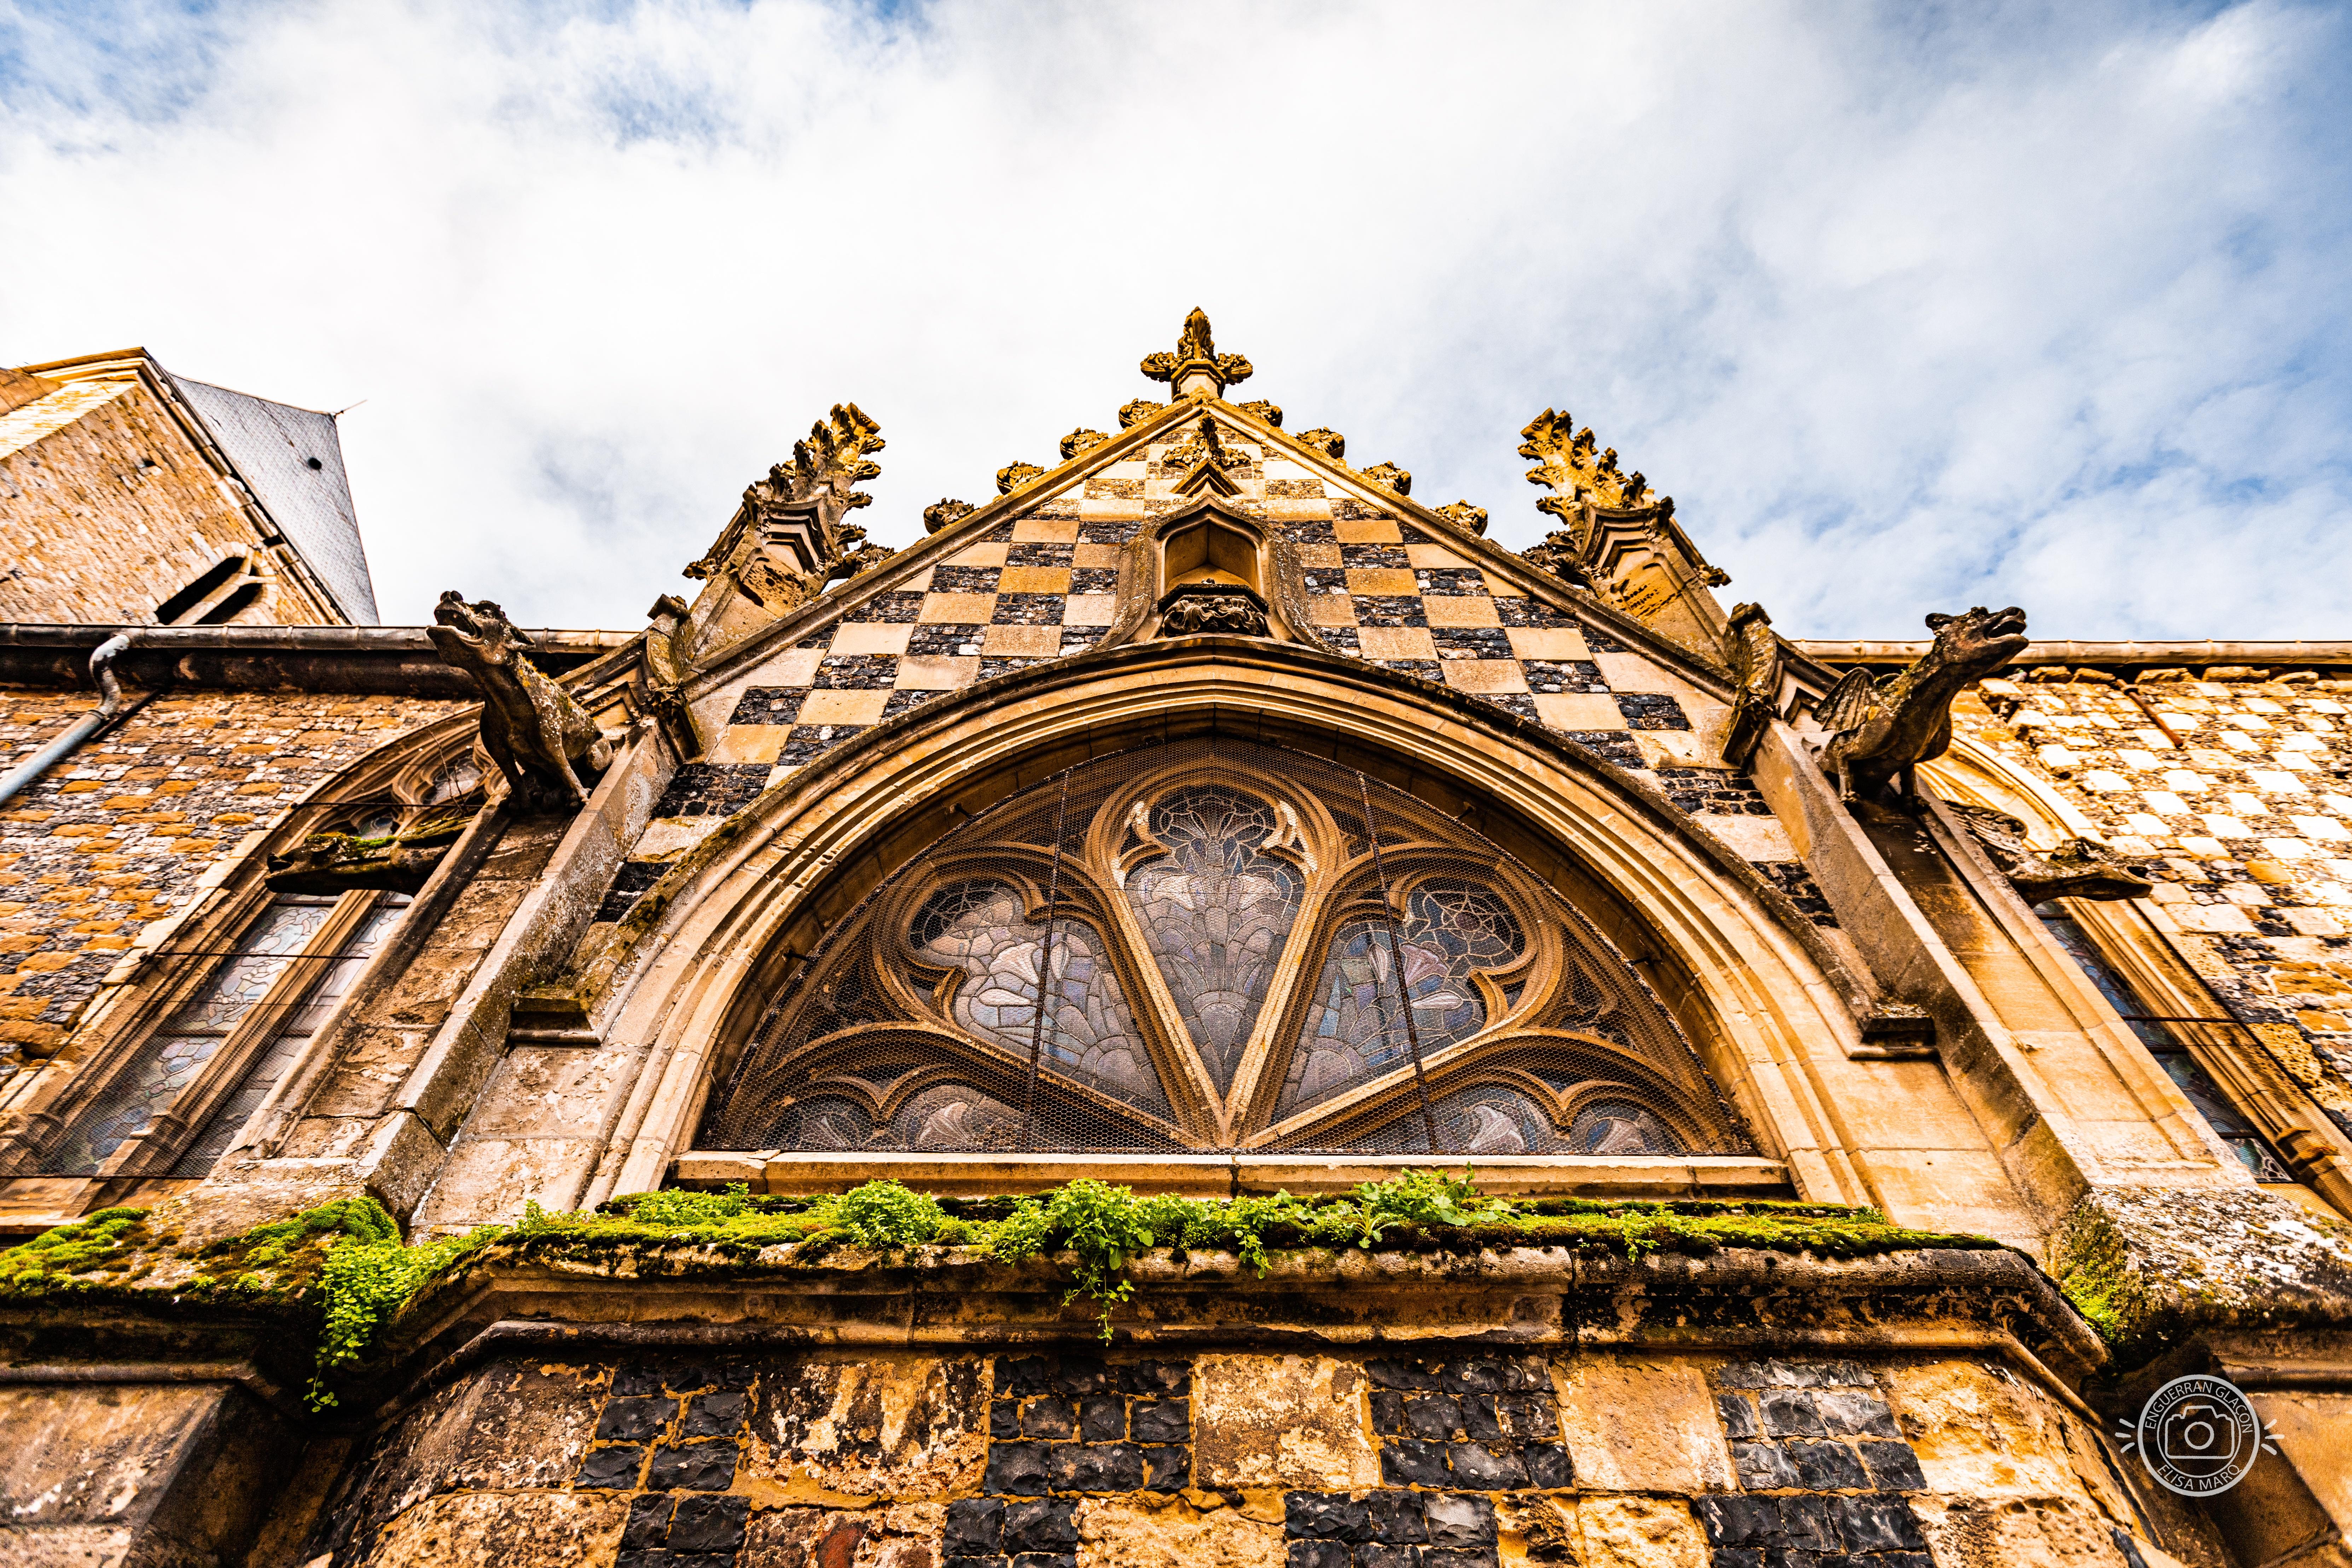 Vitraux de Saint-Martin n°2 - St Valery sur Somme